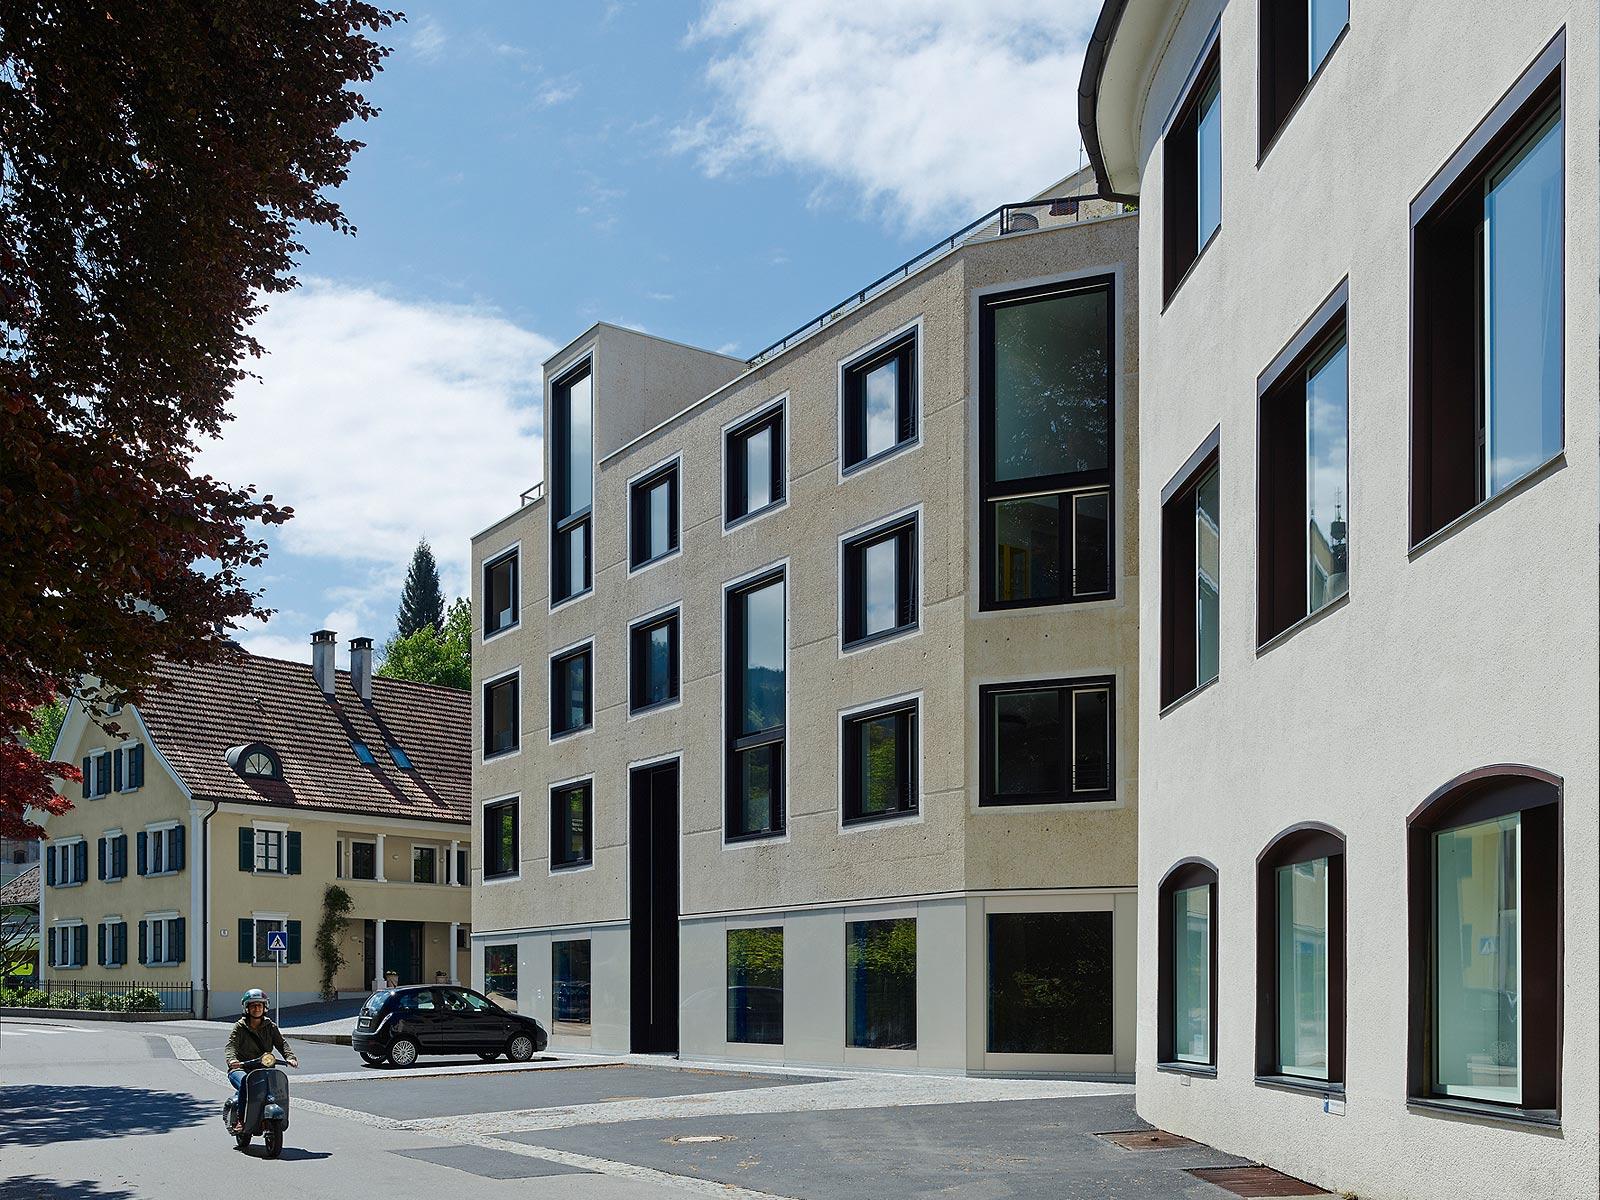 best architects architektur award dornermatt architekten dornermatt architekten wohn. Black Bedroom Furniture Sets. Home Design Ideas